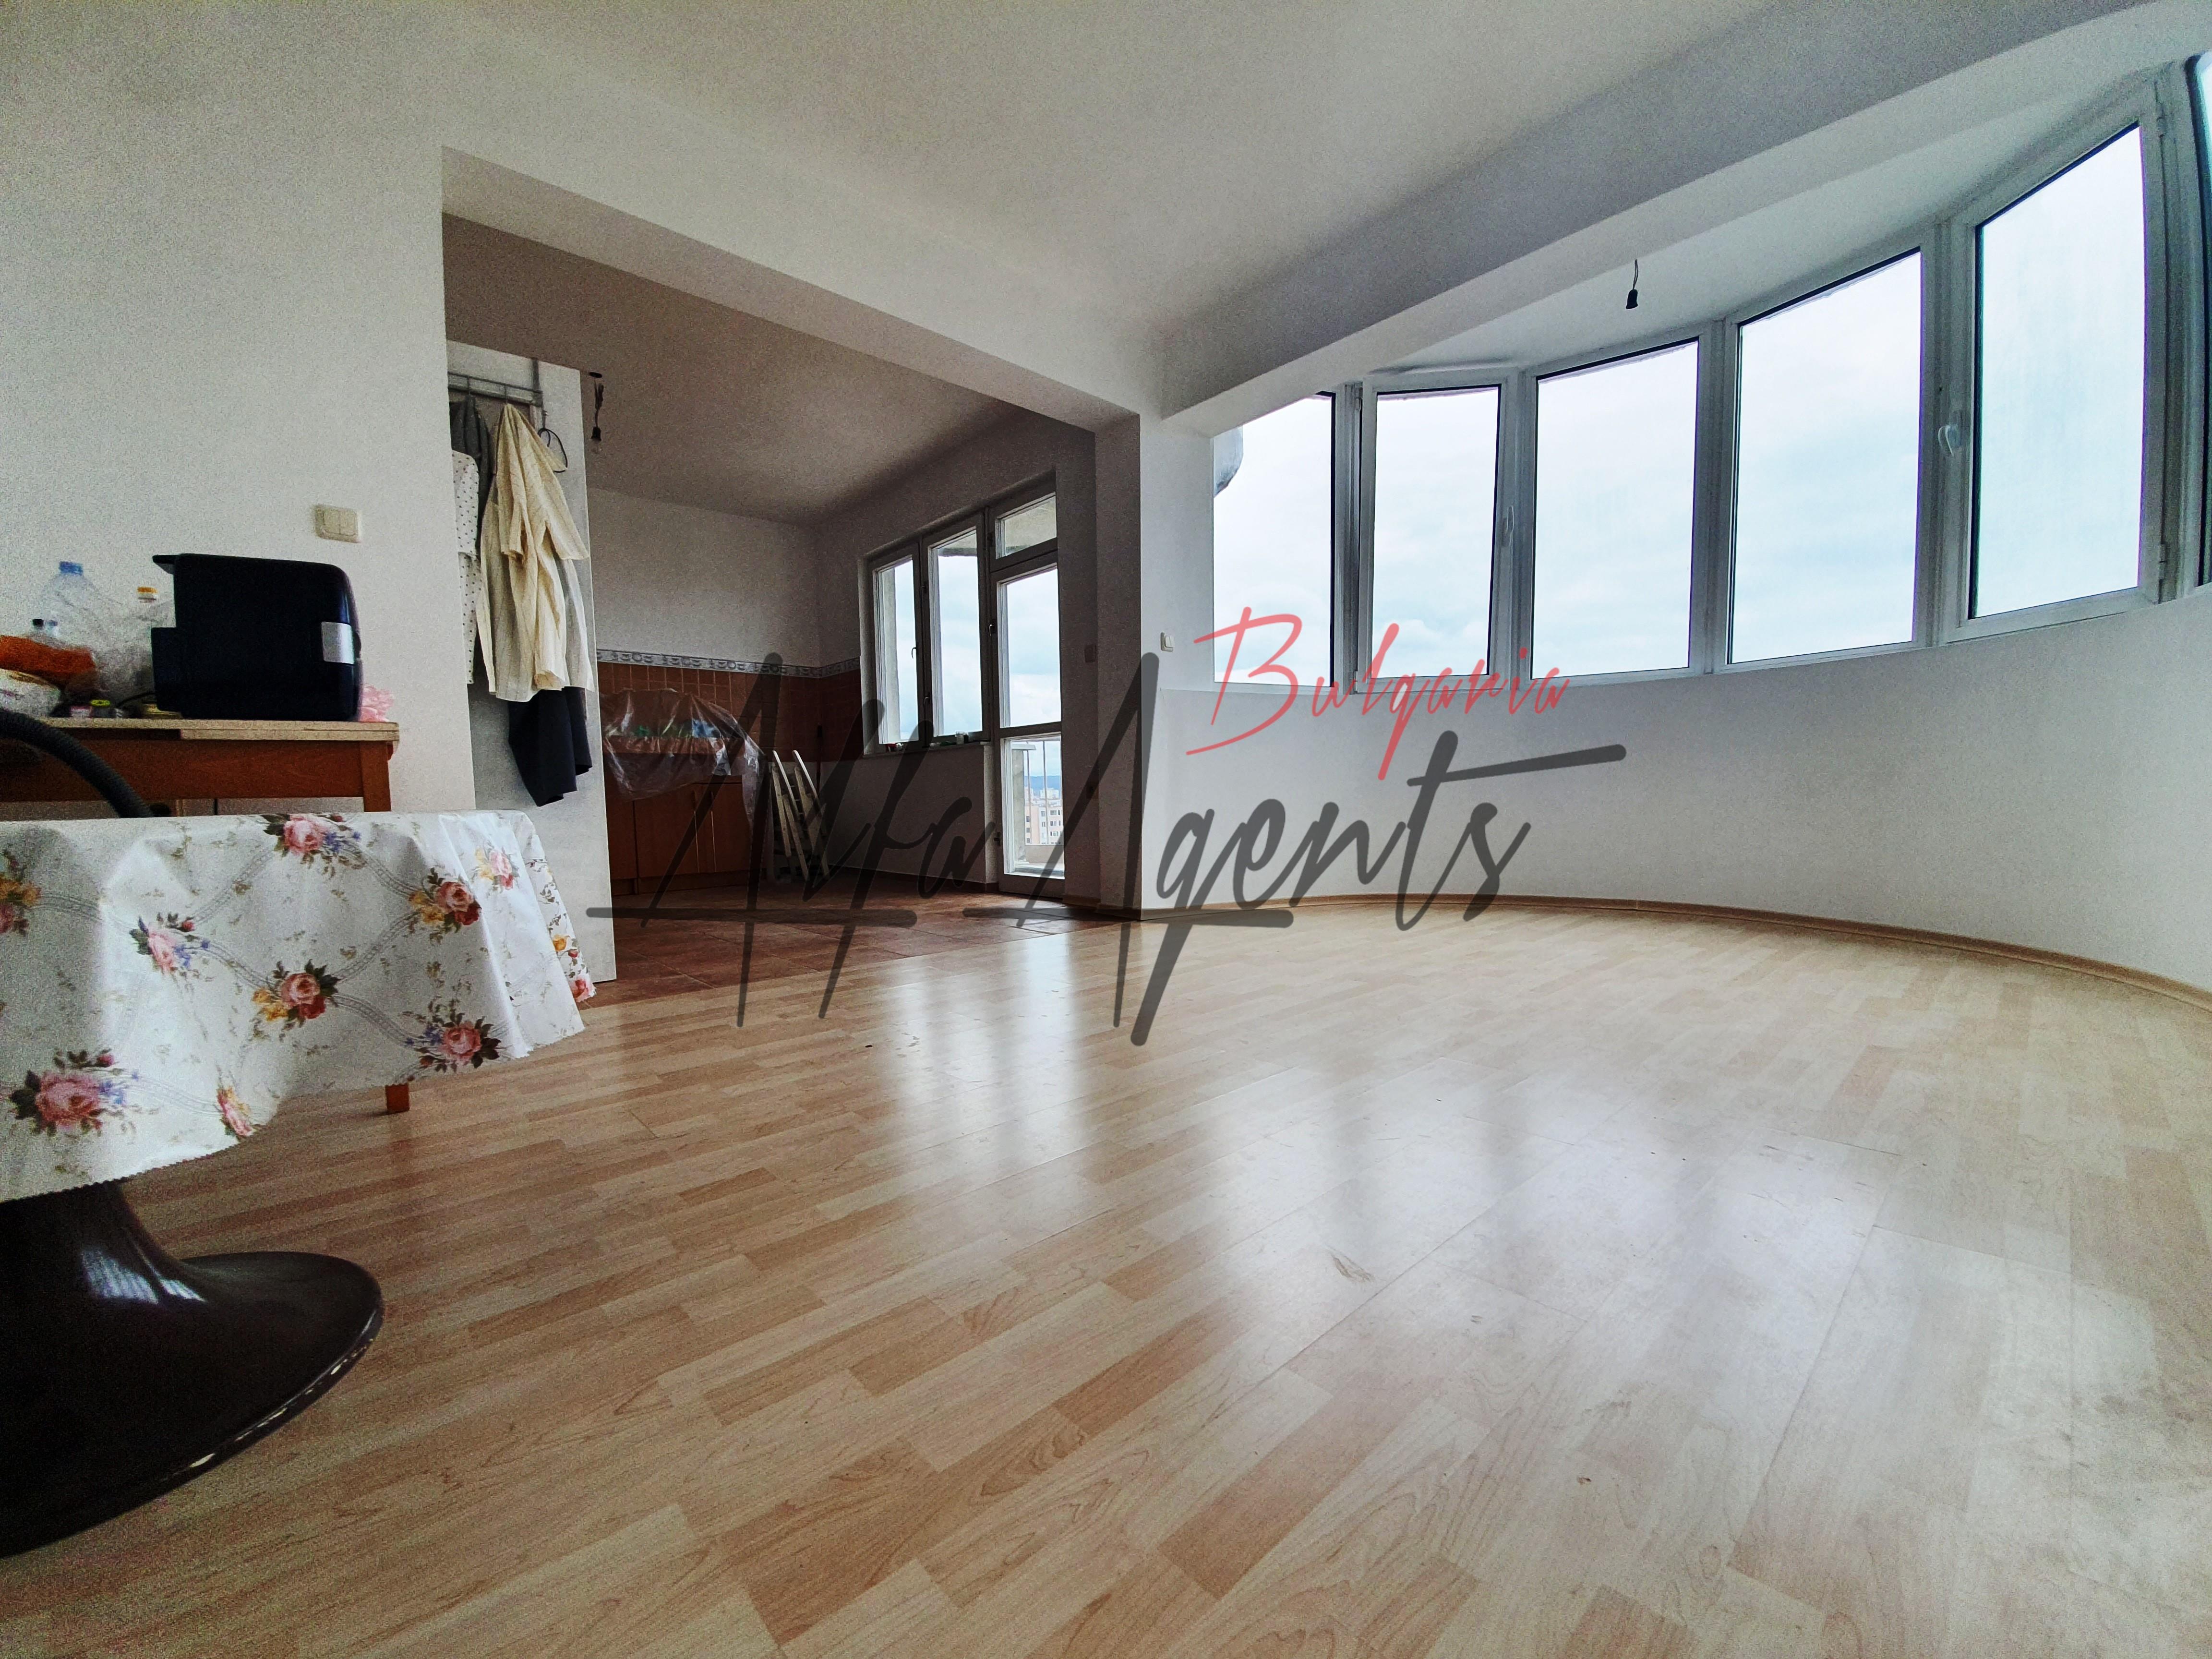 Алфа Агенти недвижими имоти Варна | 2 – Стаен, Цветен Квартал